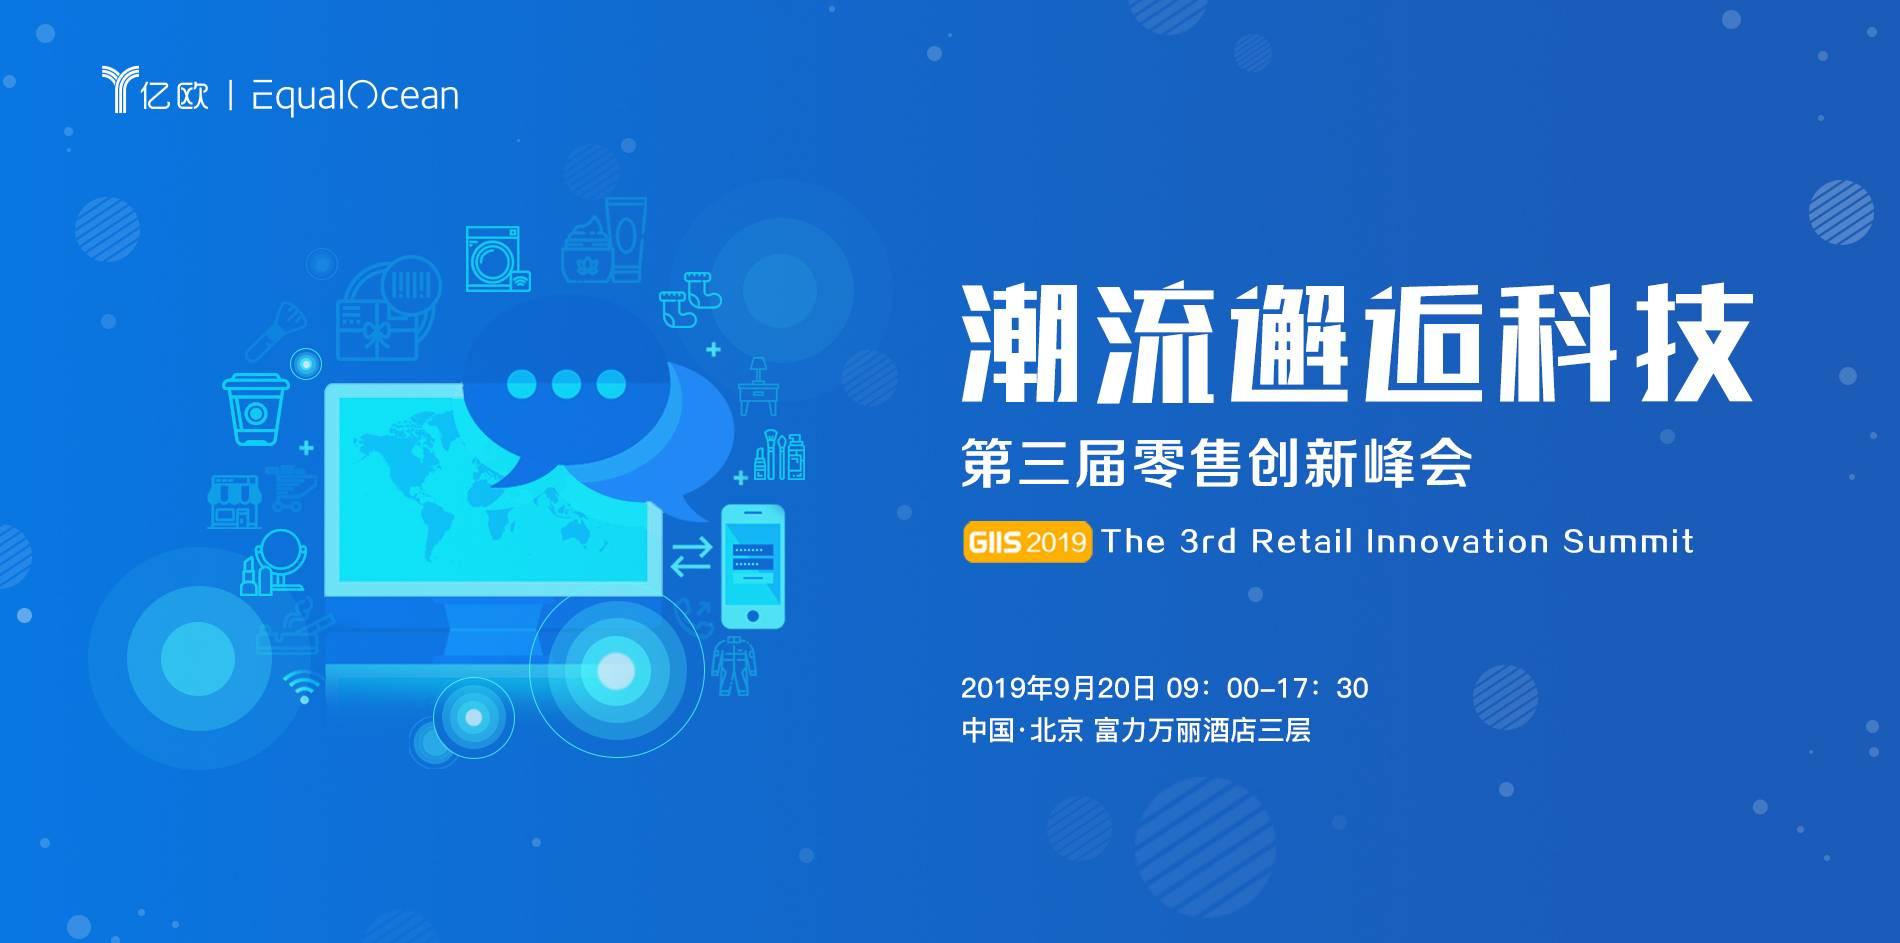 【活动】潮流邂逅科技·GIIS2019 第三届零售创新峰会(官方报名通道)-ca88唯一官方网站